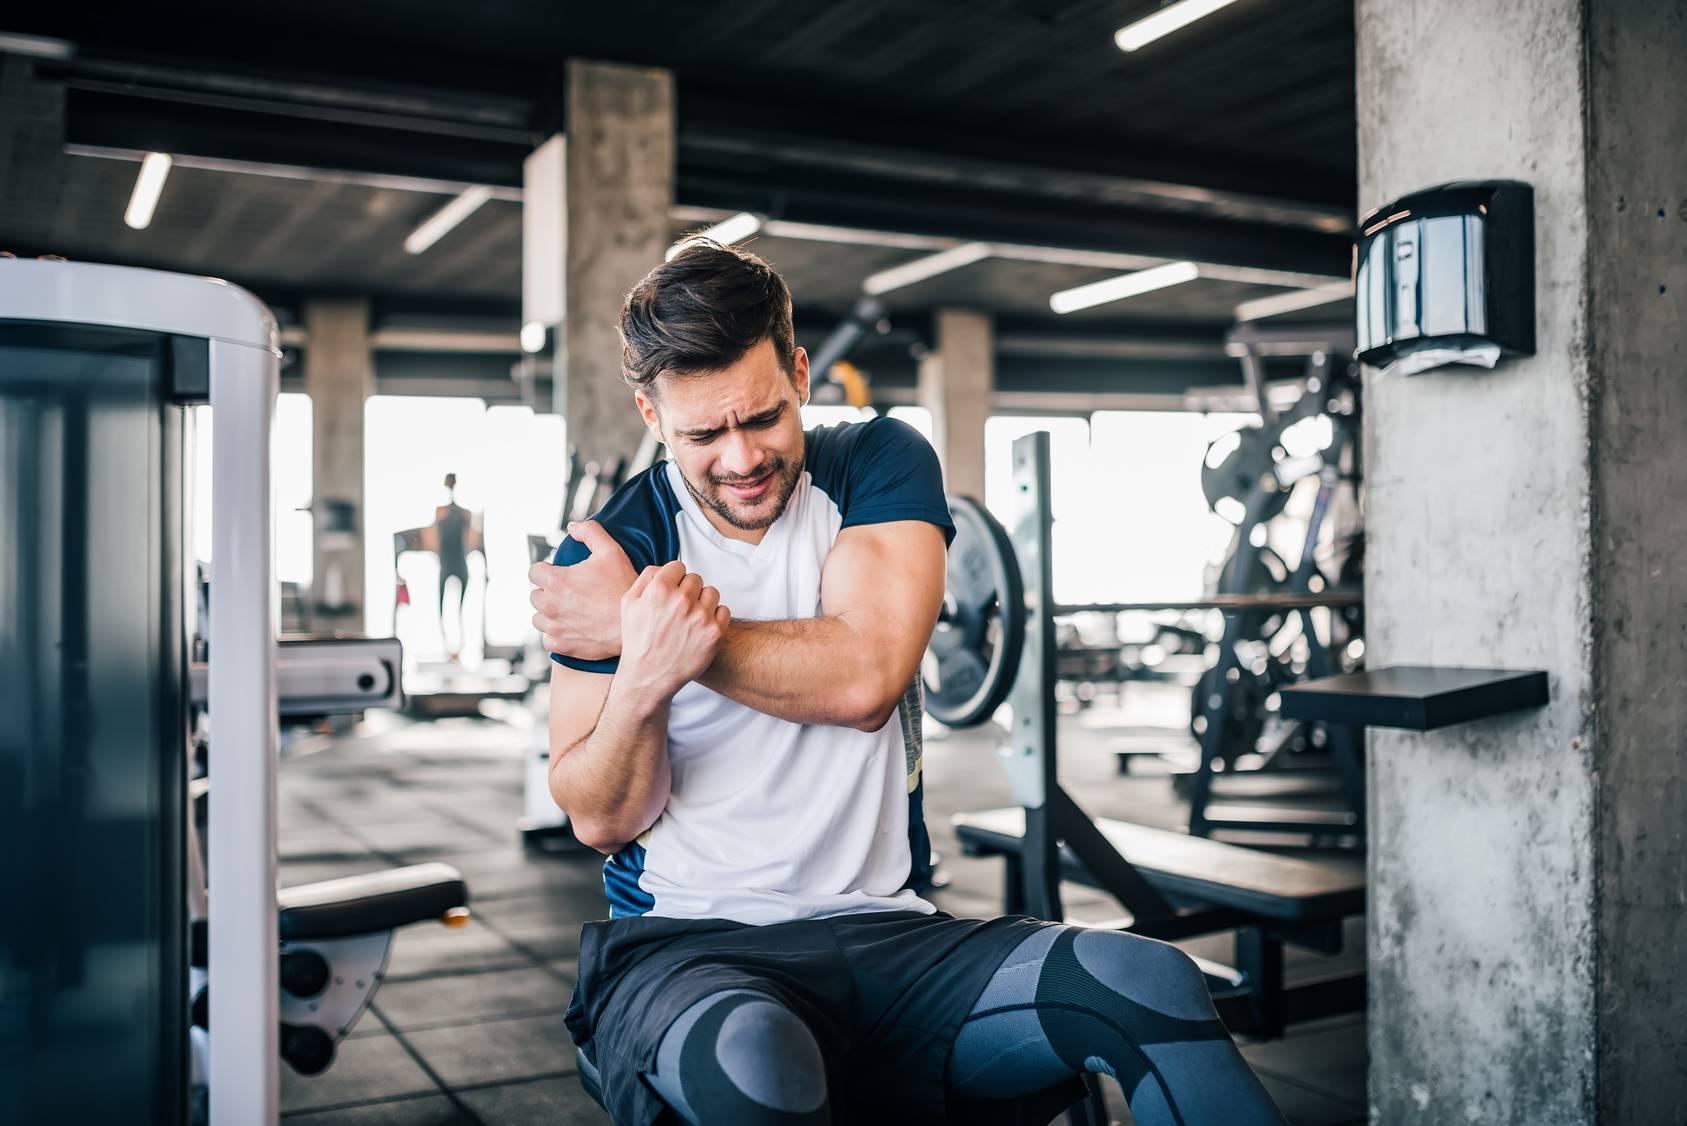 Jak poradzić sobie z naciągnięciem mięśni lub inną kontuzją?